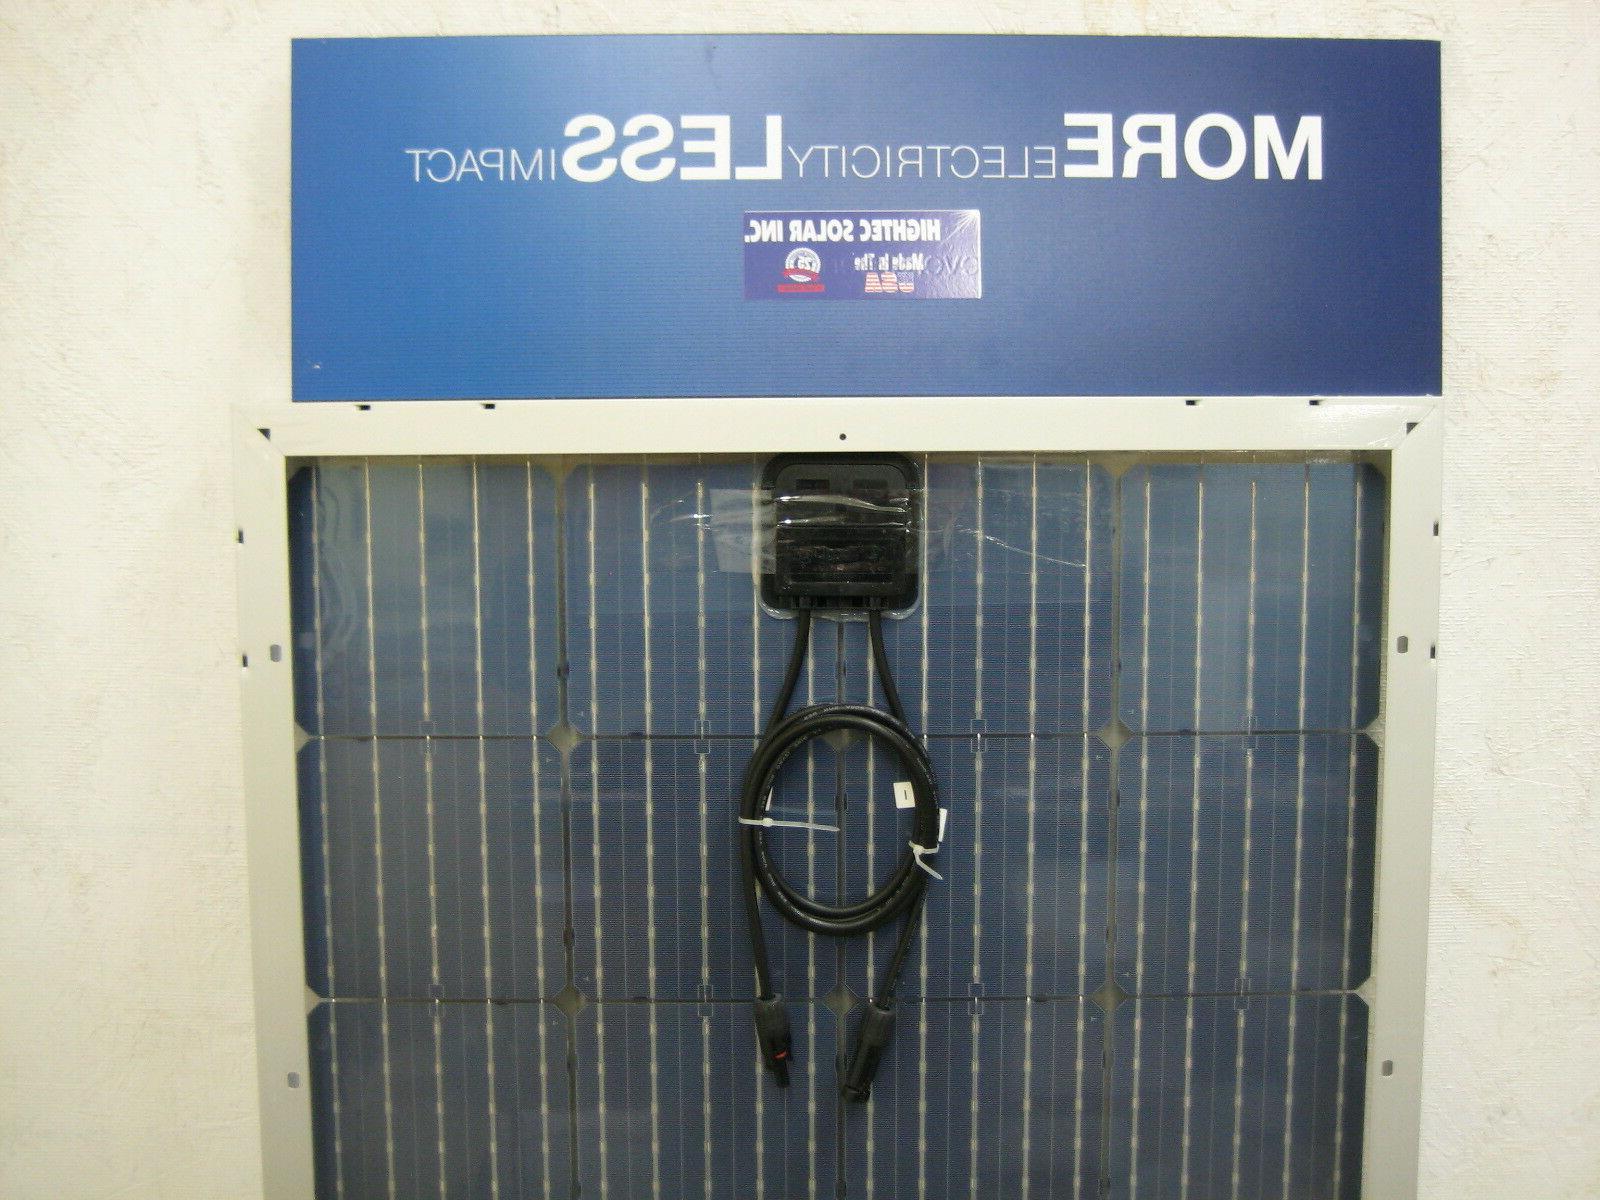 200+25% Solar RV Boat highest 12V you